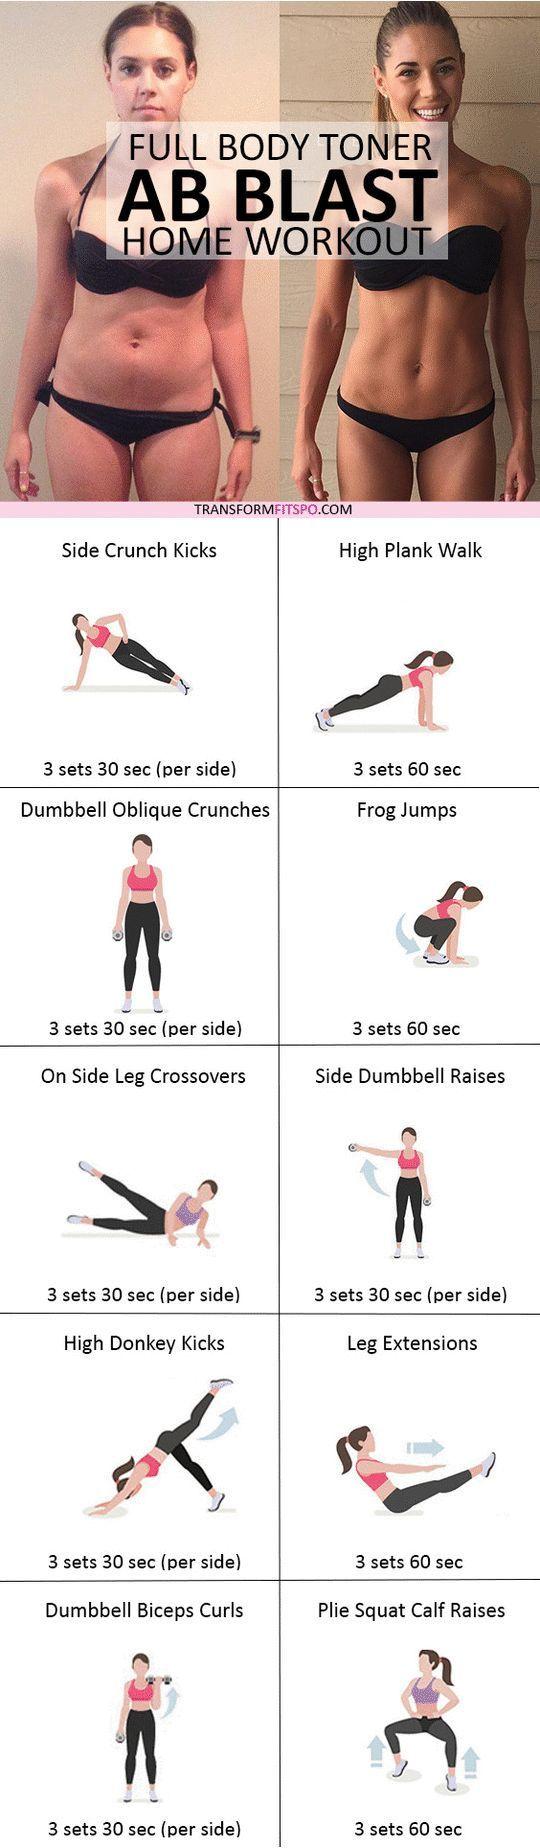 Full Body Toner – Ab Blast Home Workout